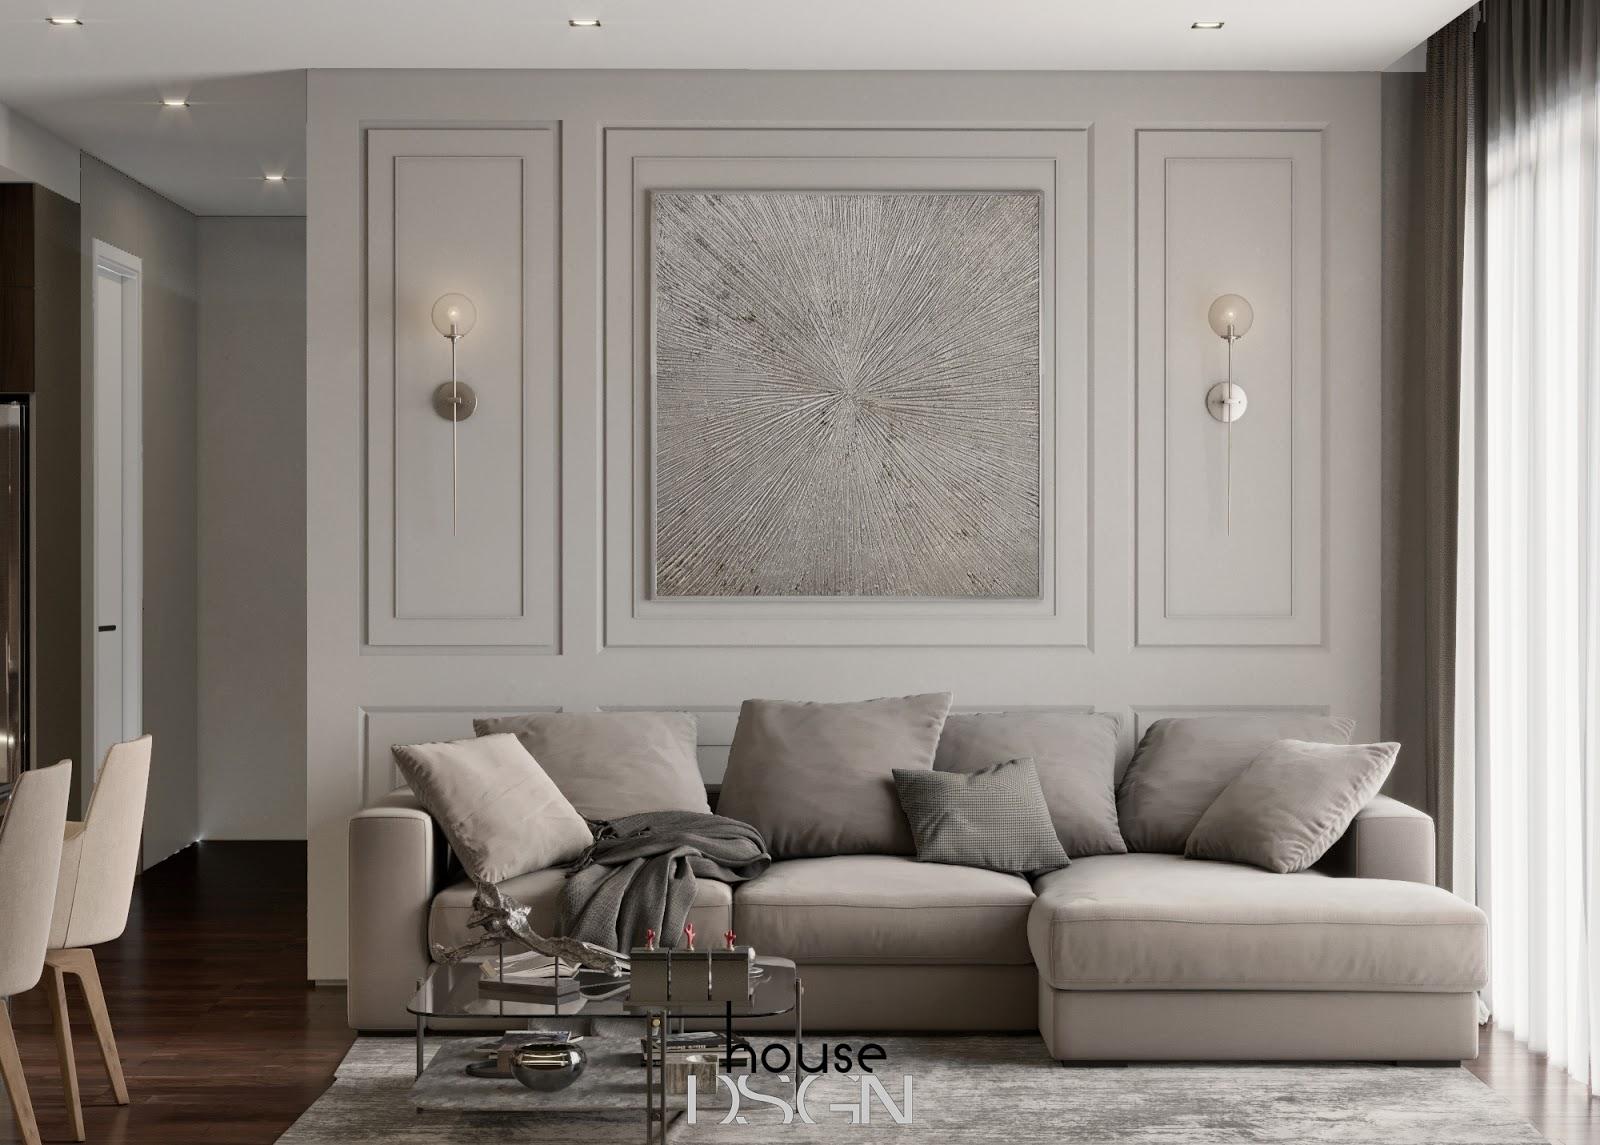 thiết kế phòng khách nhỏ đơn giản - Housedesign